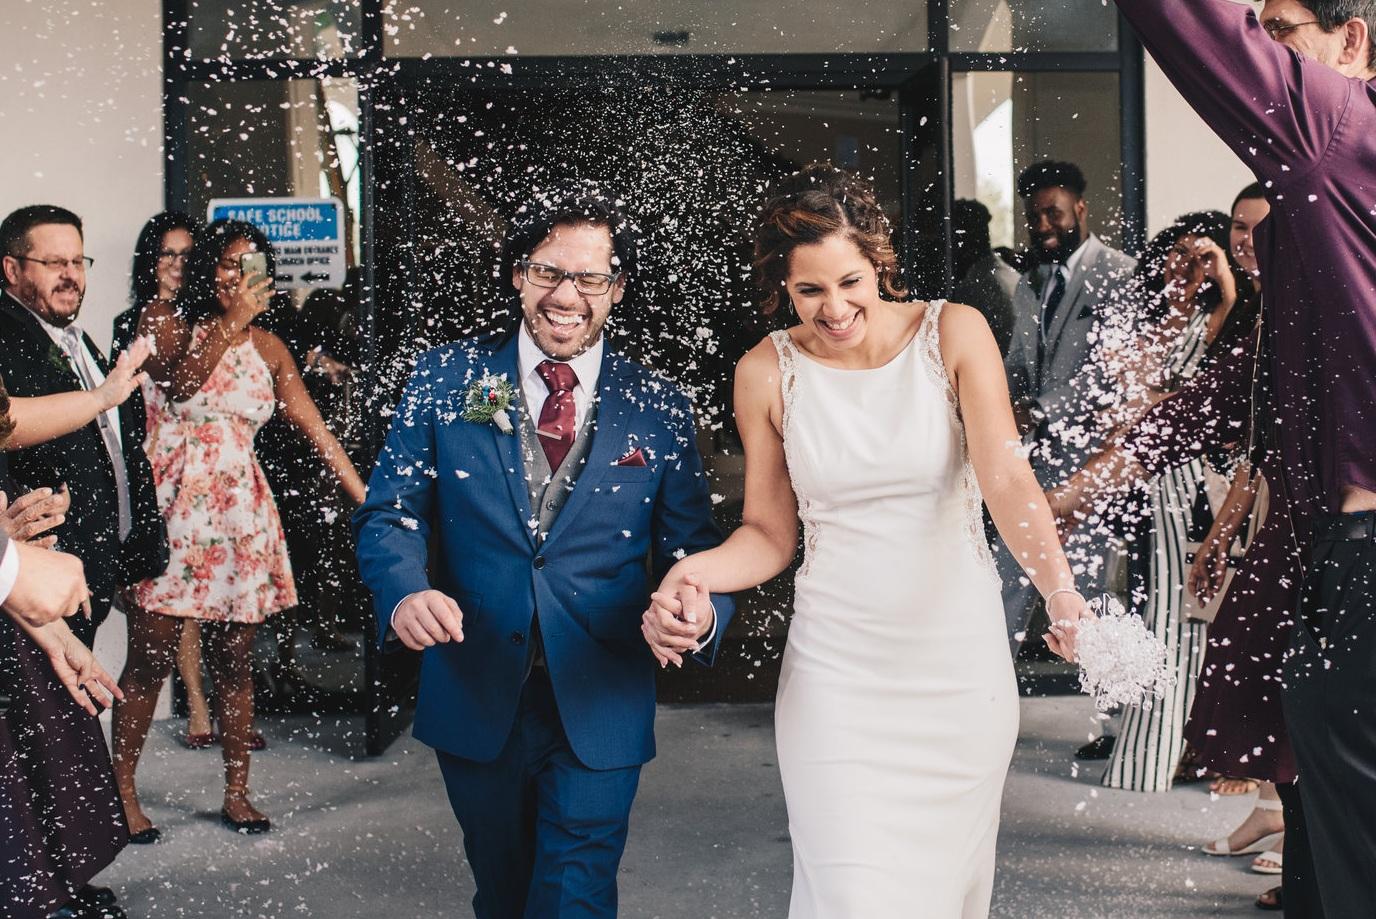 Ruben + Emily | Christmas Wedding Day